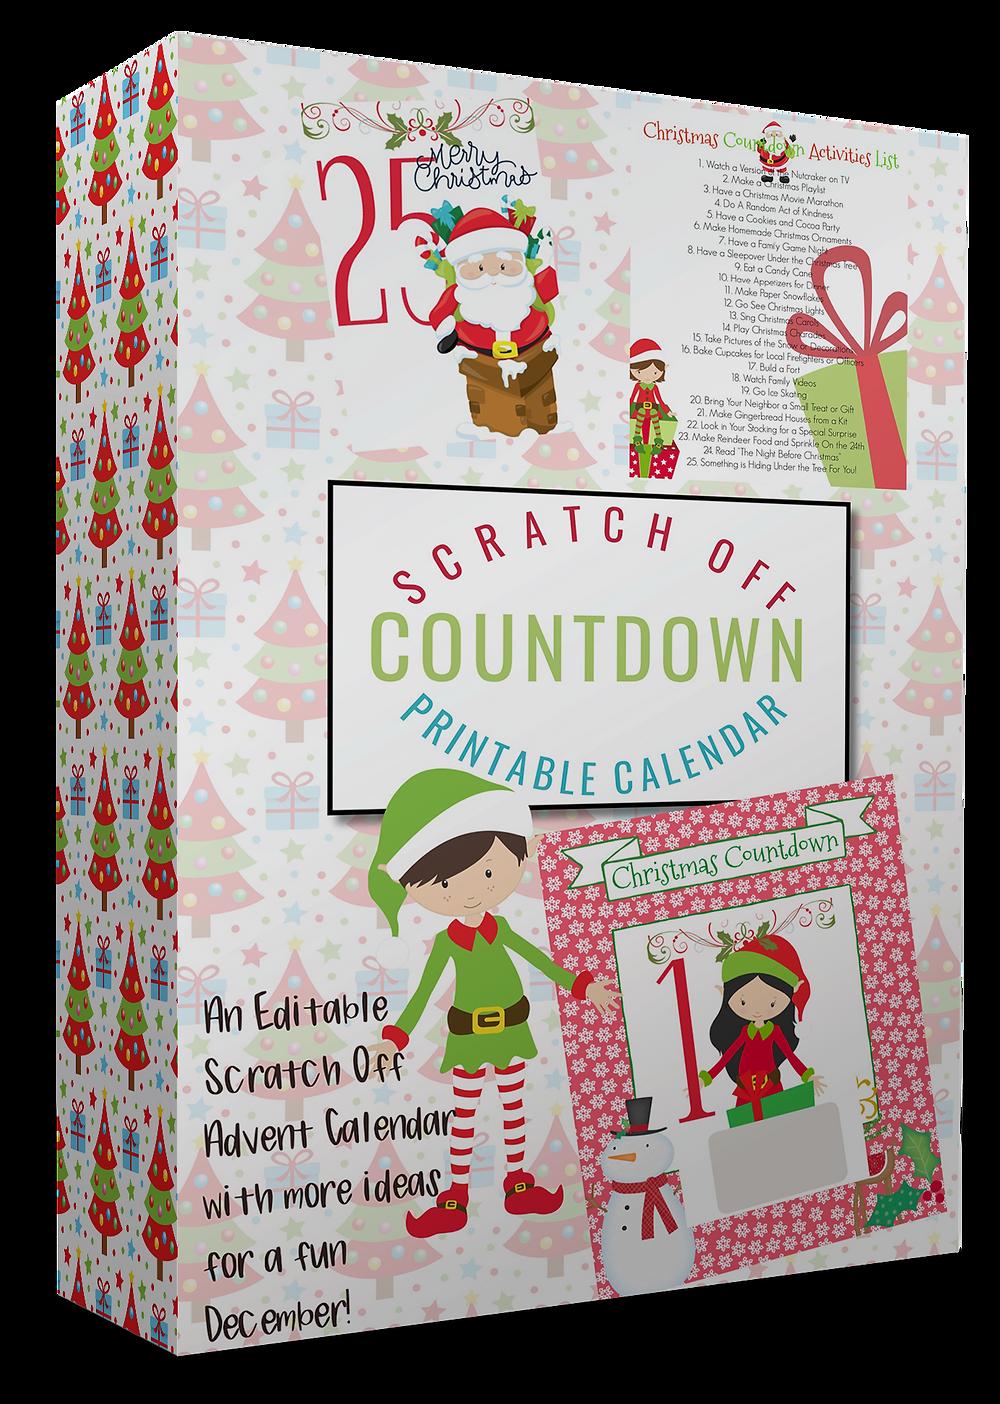 Christmas Countdown Calendar / Christmas Countdown / Christmas Activities / Family Activities / Kids Activities / Holiday Countdown / Advent Calendar / Elf Calendar / Scratch-off Calendar / Scratcher Cards